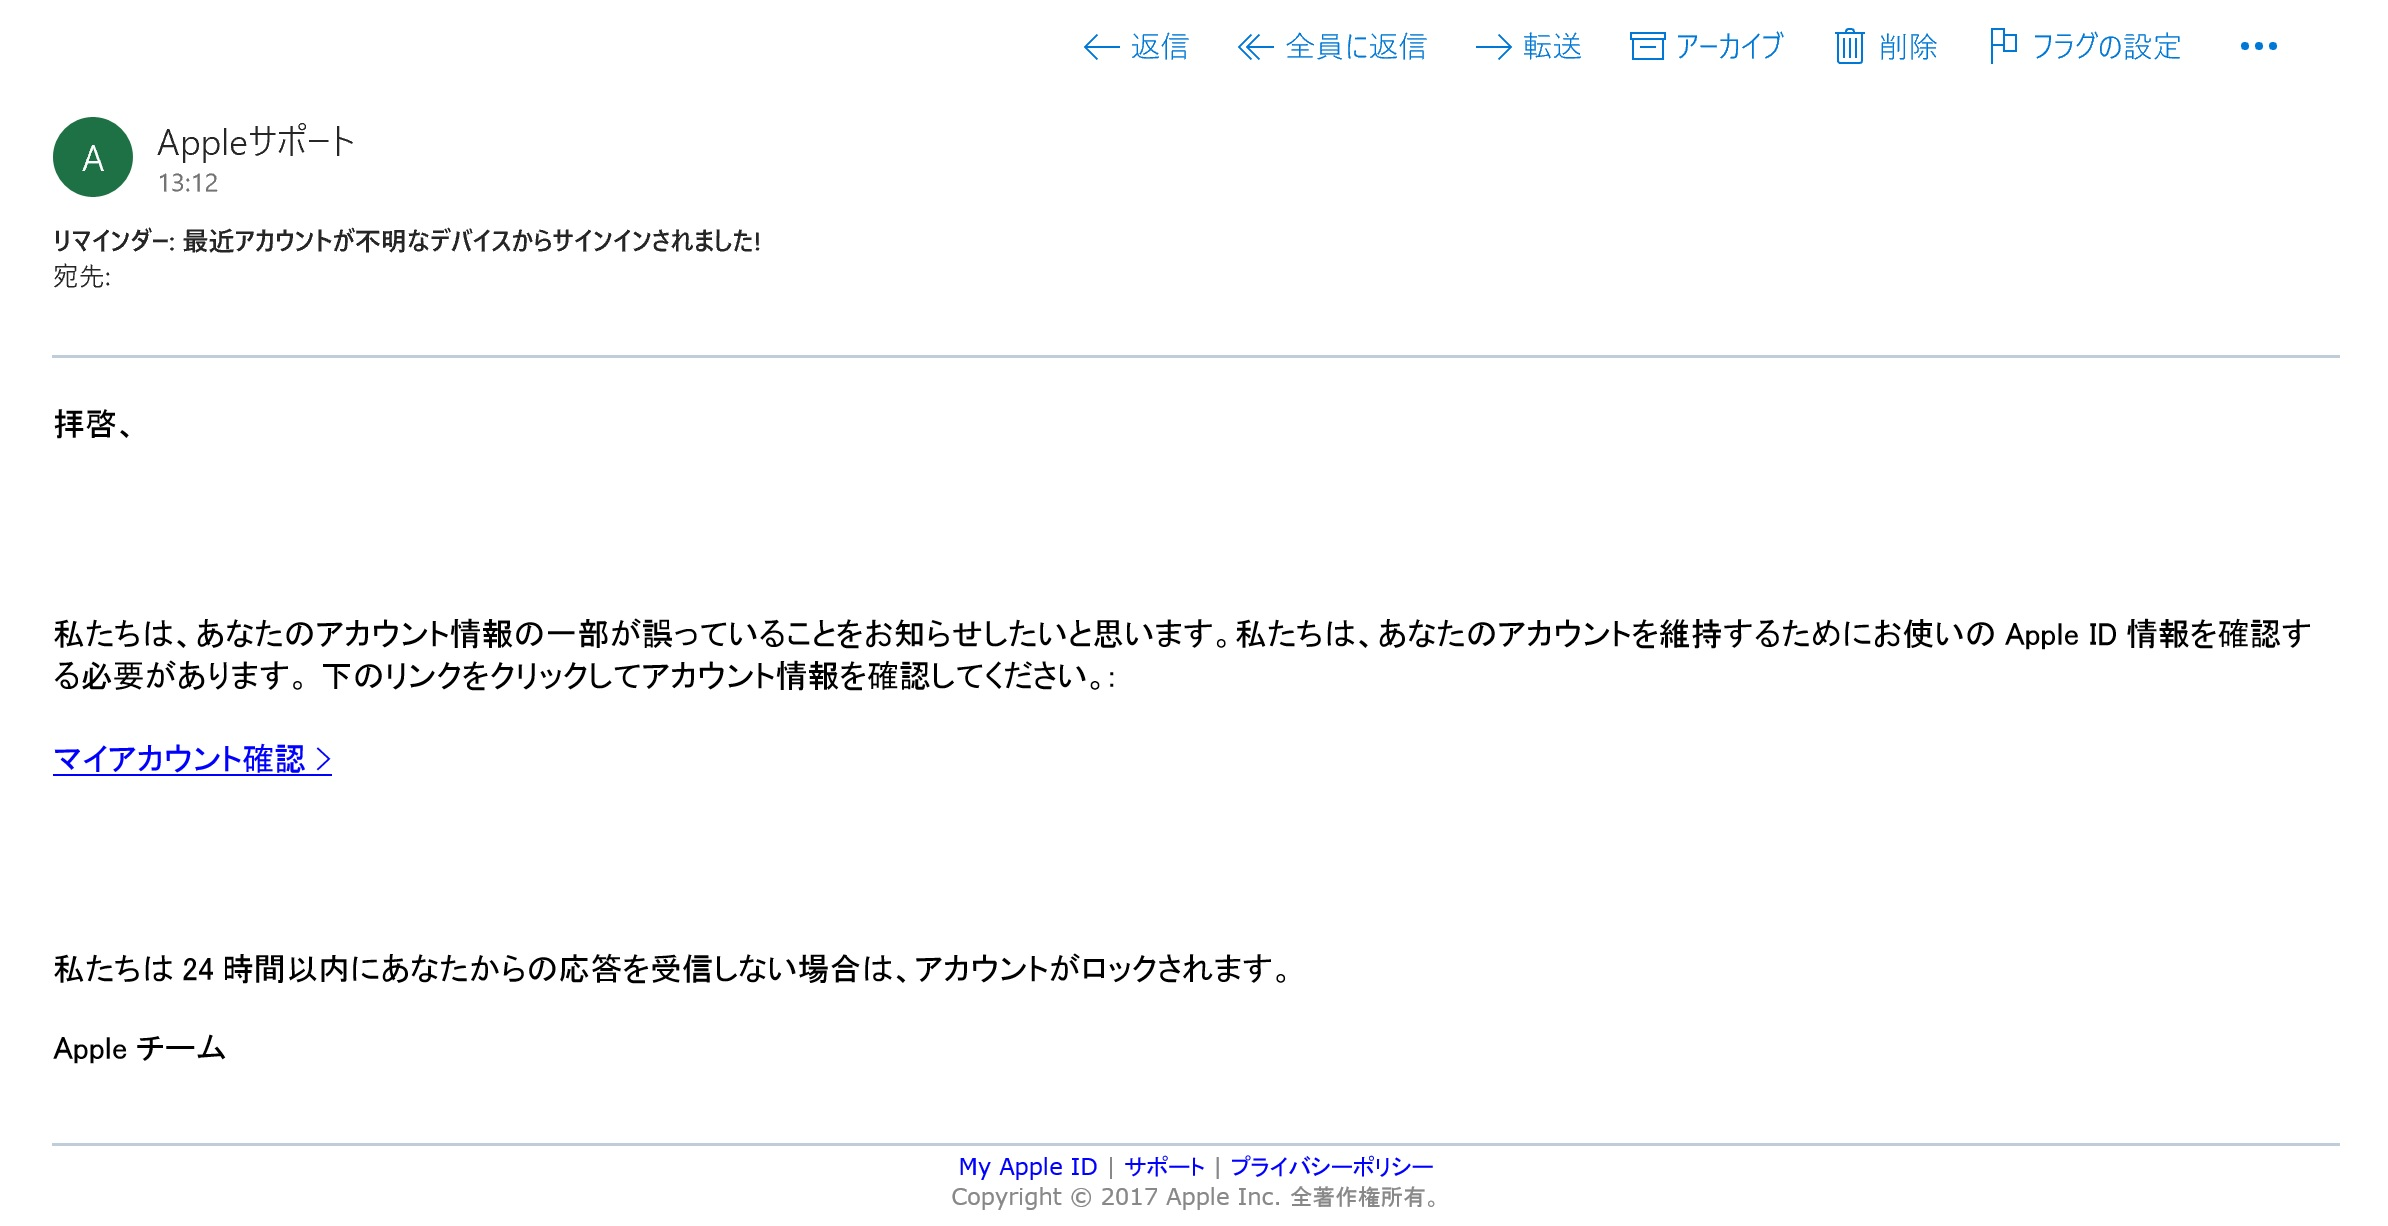 アップルからの「請求先住所の変更」通知メールは …